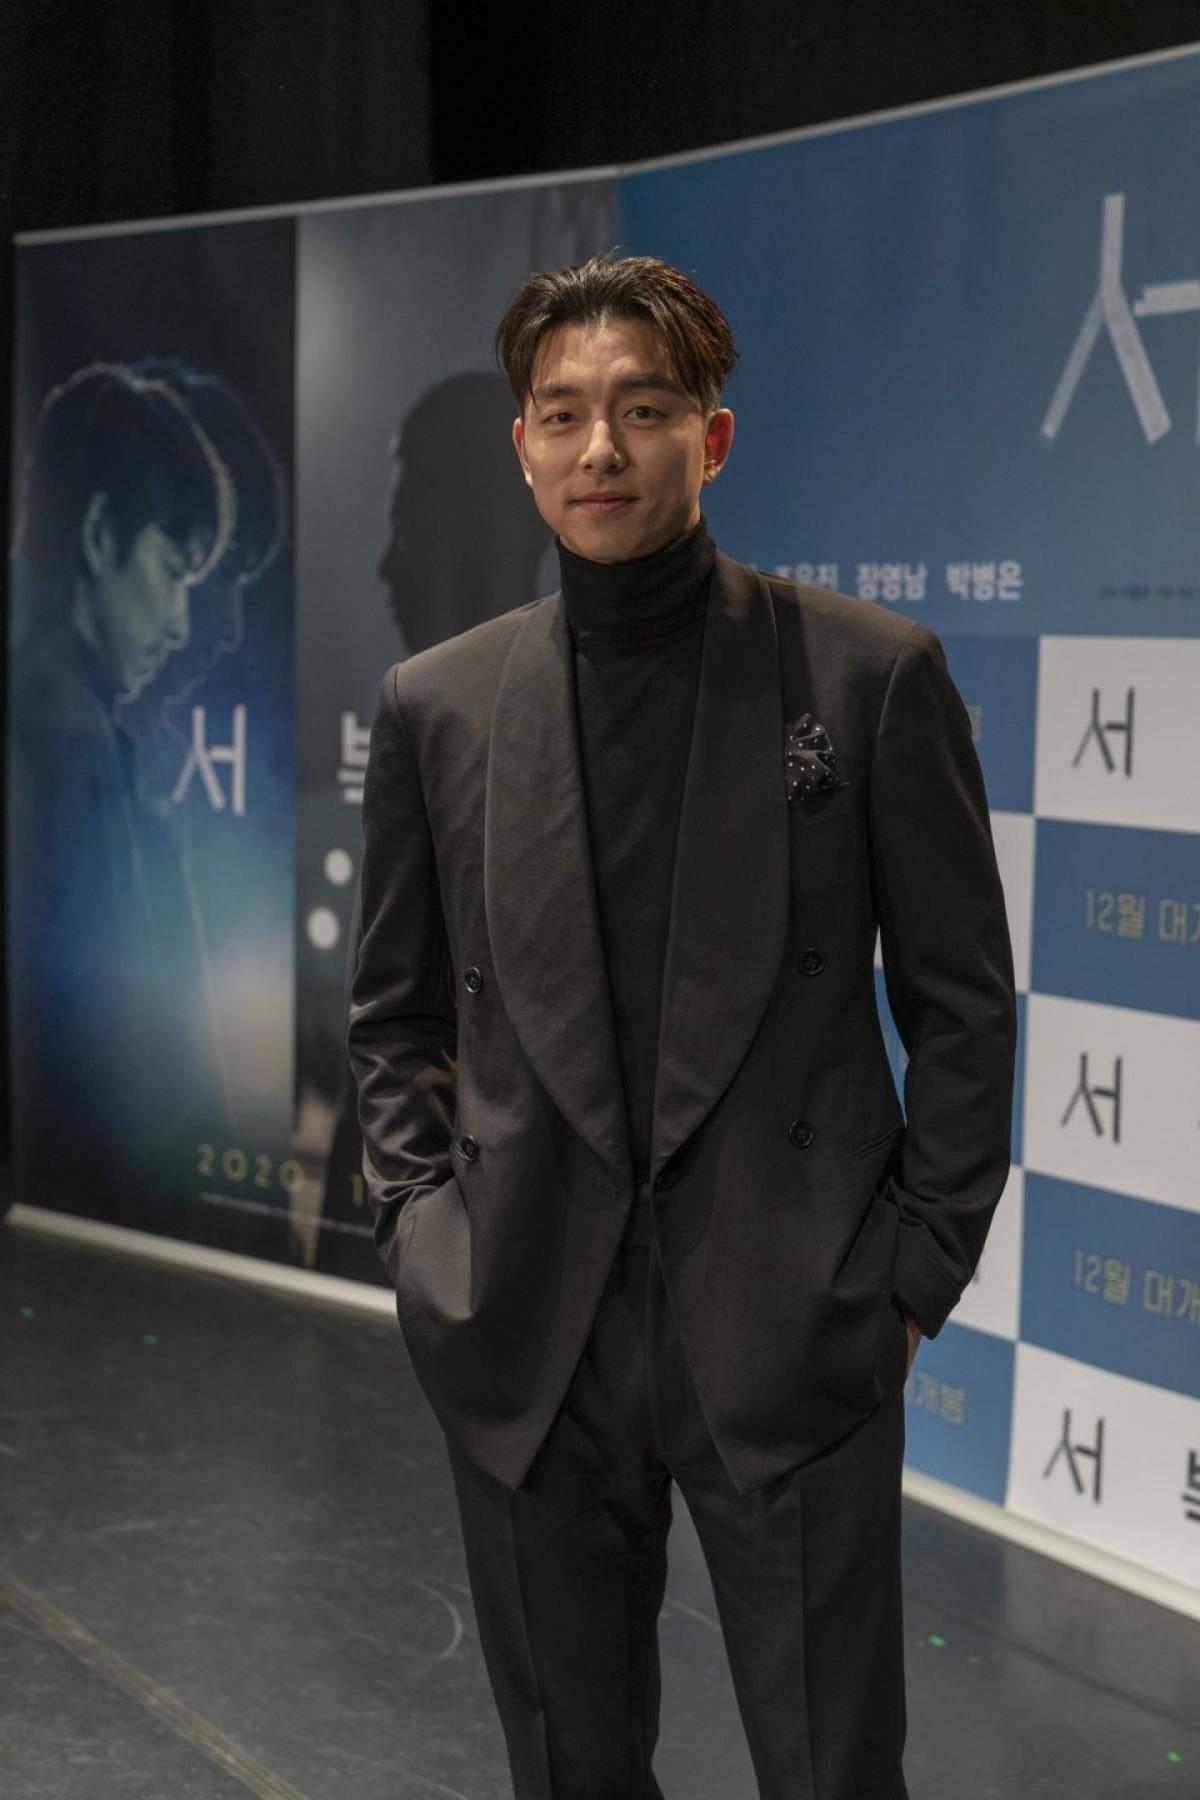 Xuất hiện sau thời gian vắng bóng,Gong Yoo vẫn giữ vững phong độ với vẻ ngoài điển trai trong trang phục vest đen lịch lãm.